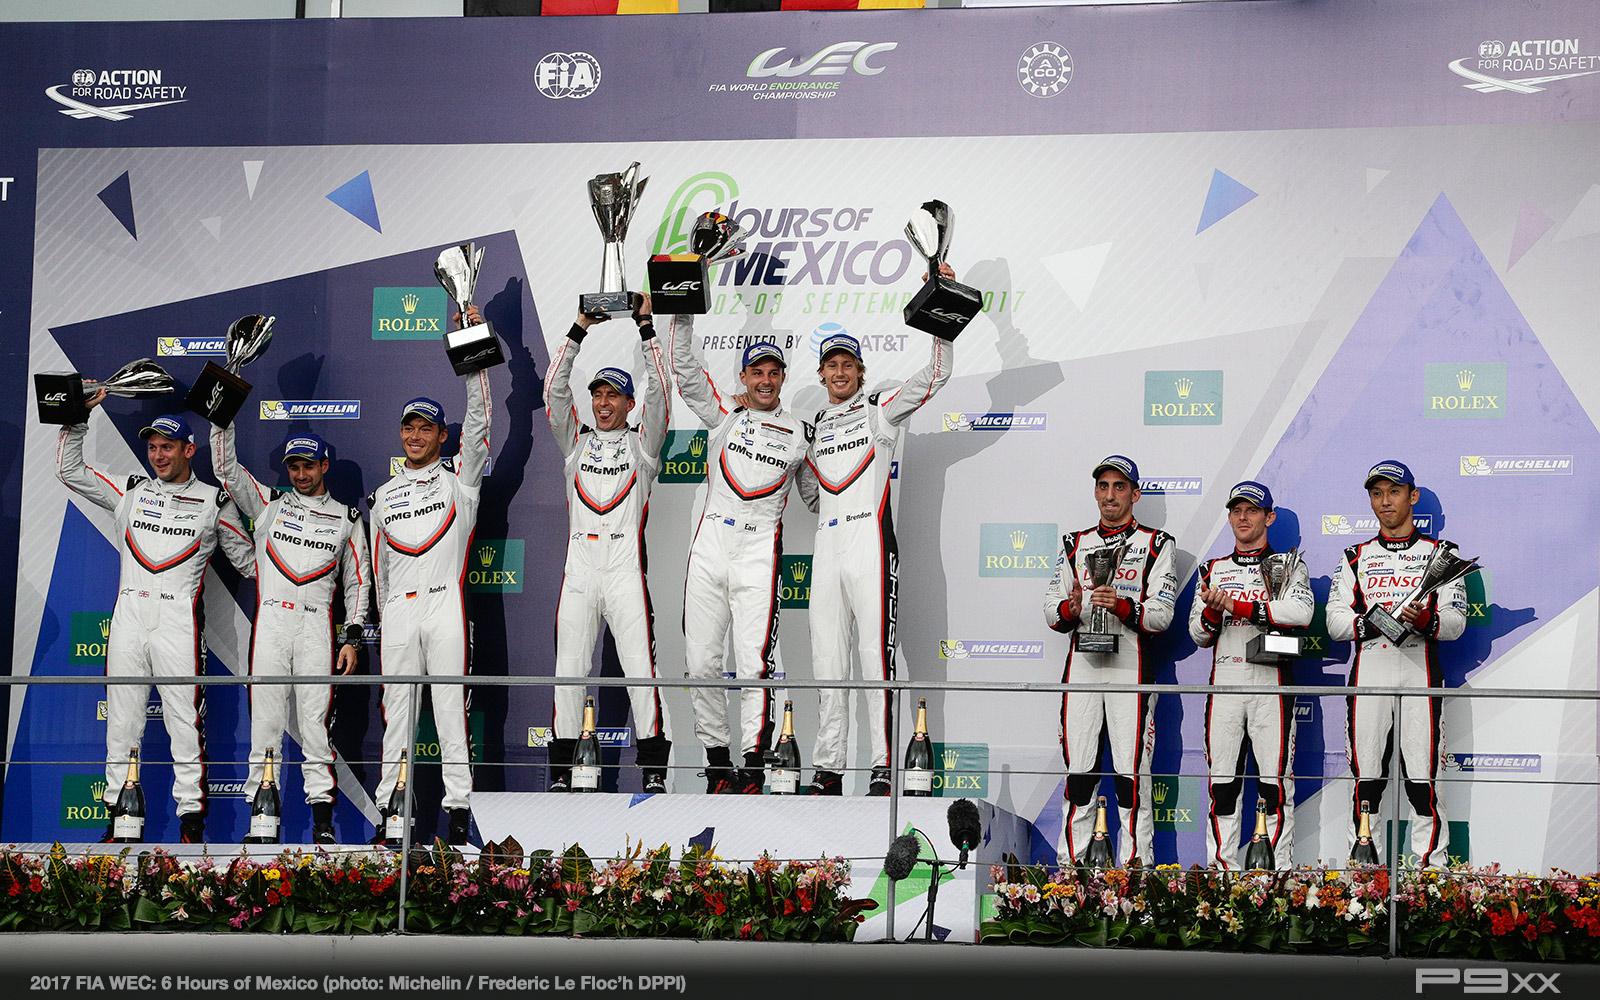 2017-FIA-WEC-6-HOURS-MEXICO-PORSCHE-exico_FLF_02117008_531931278